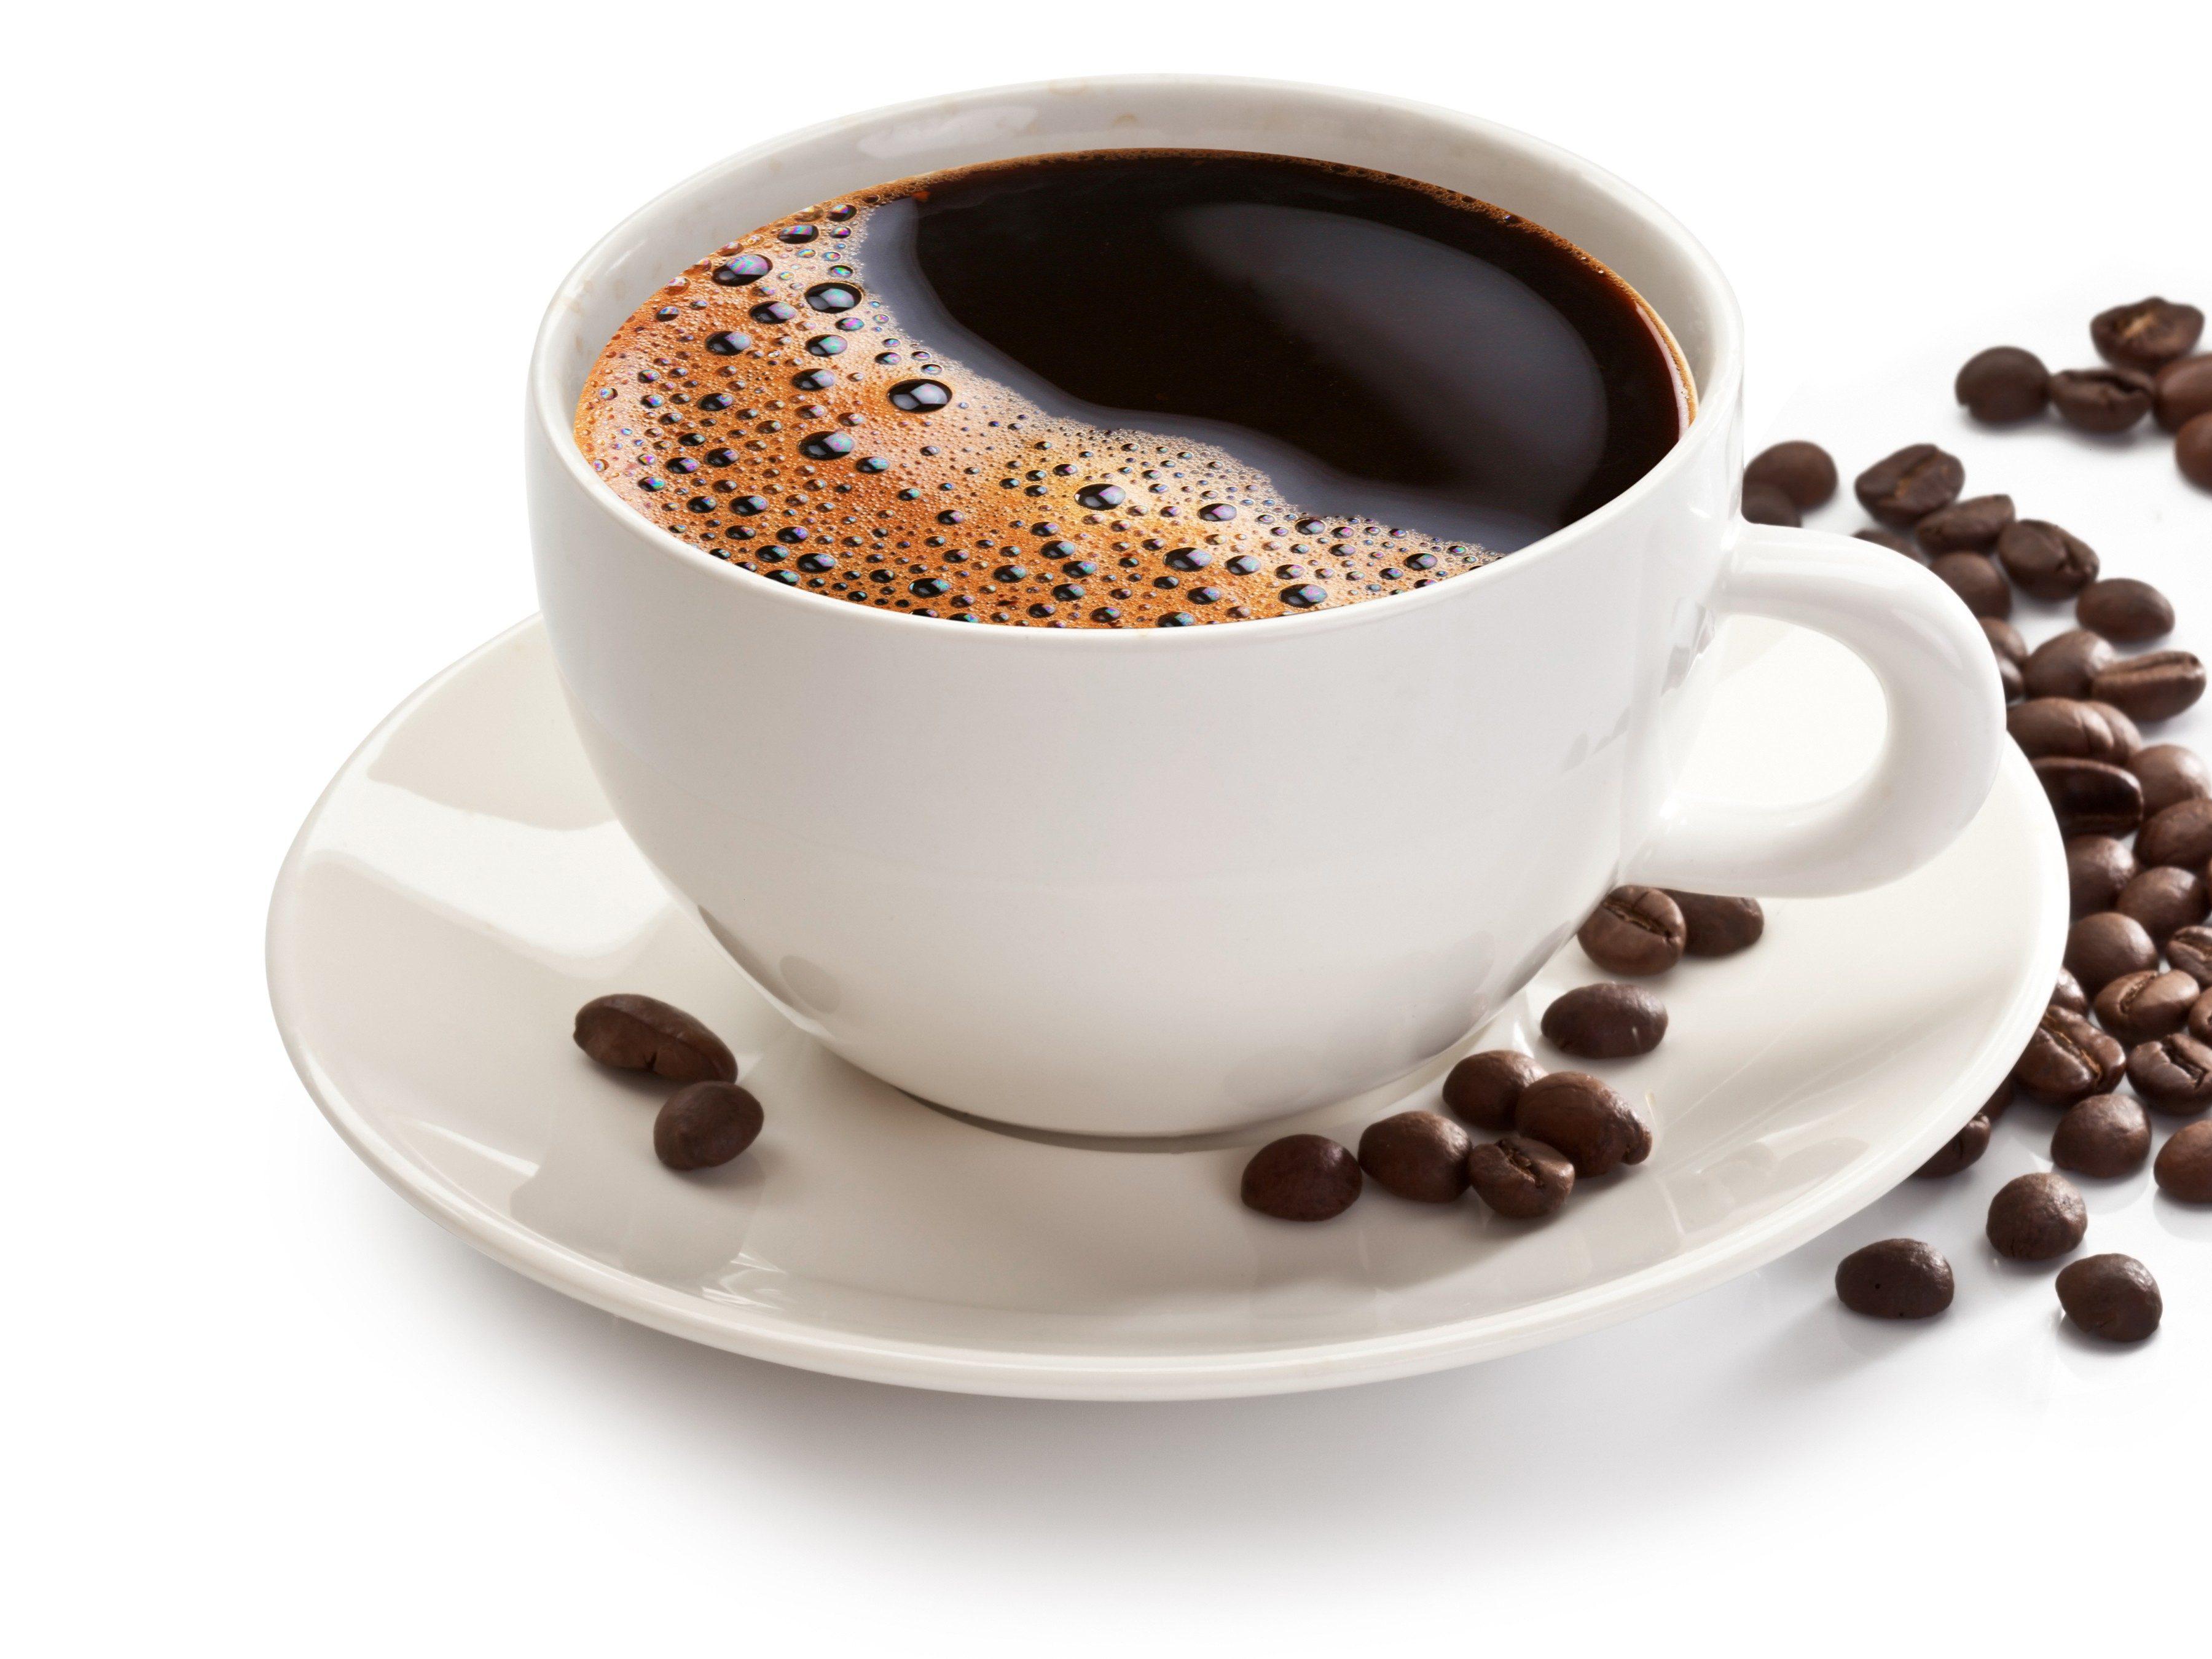 3. Coffee